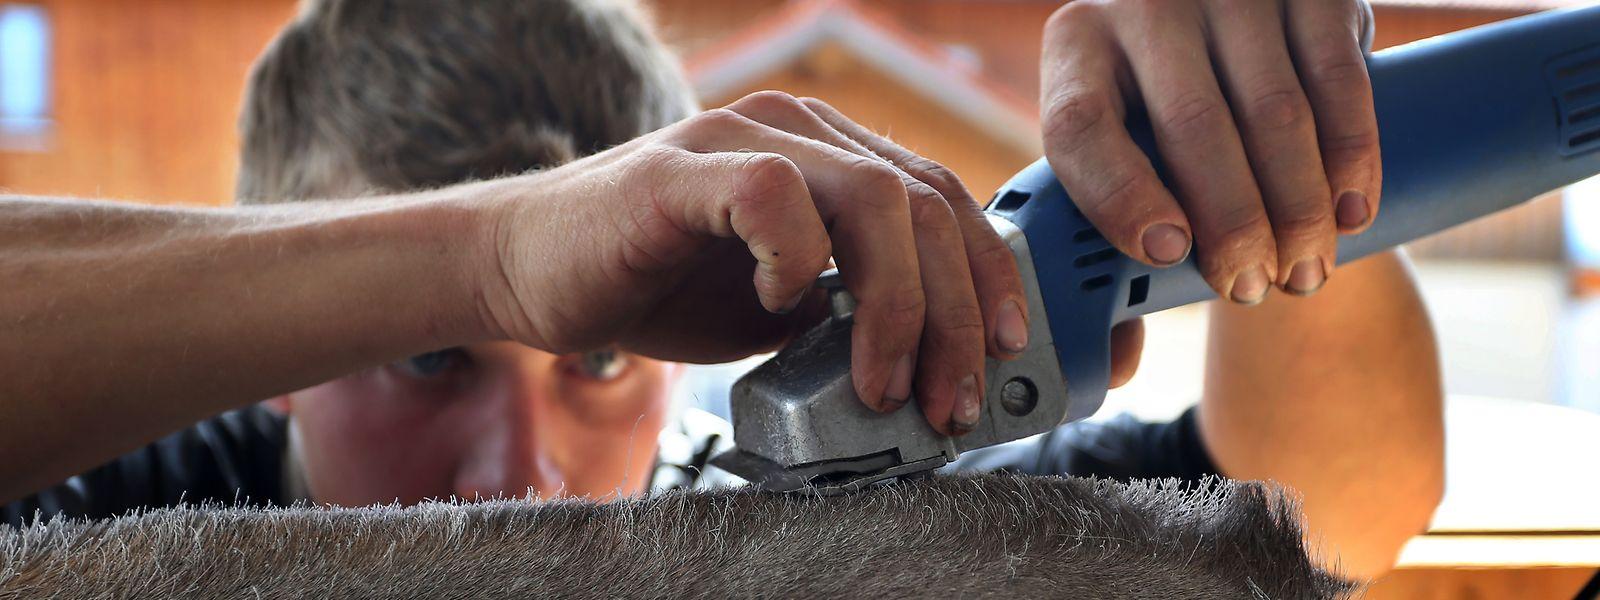 Tobias Guggemos, Kuhfitter und Landwirt, schert auf seinem Bauernhof die vierjährige Swiss-Brown Kuh Granit.